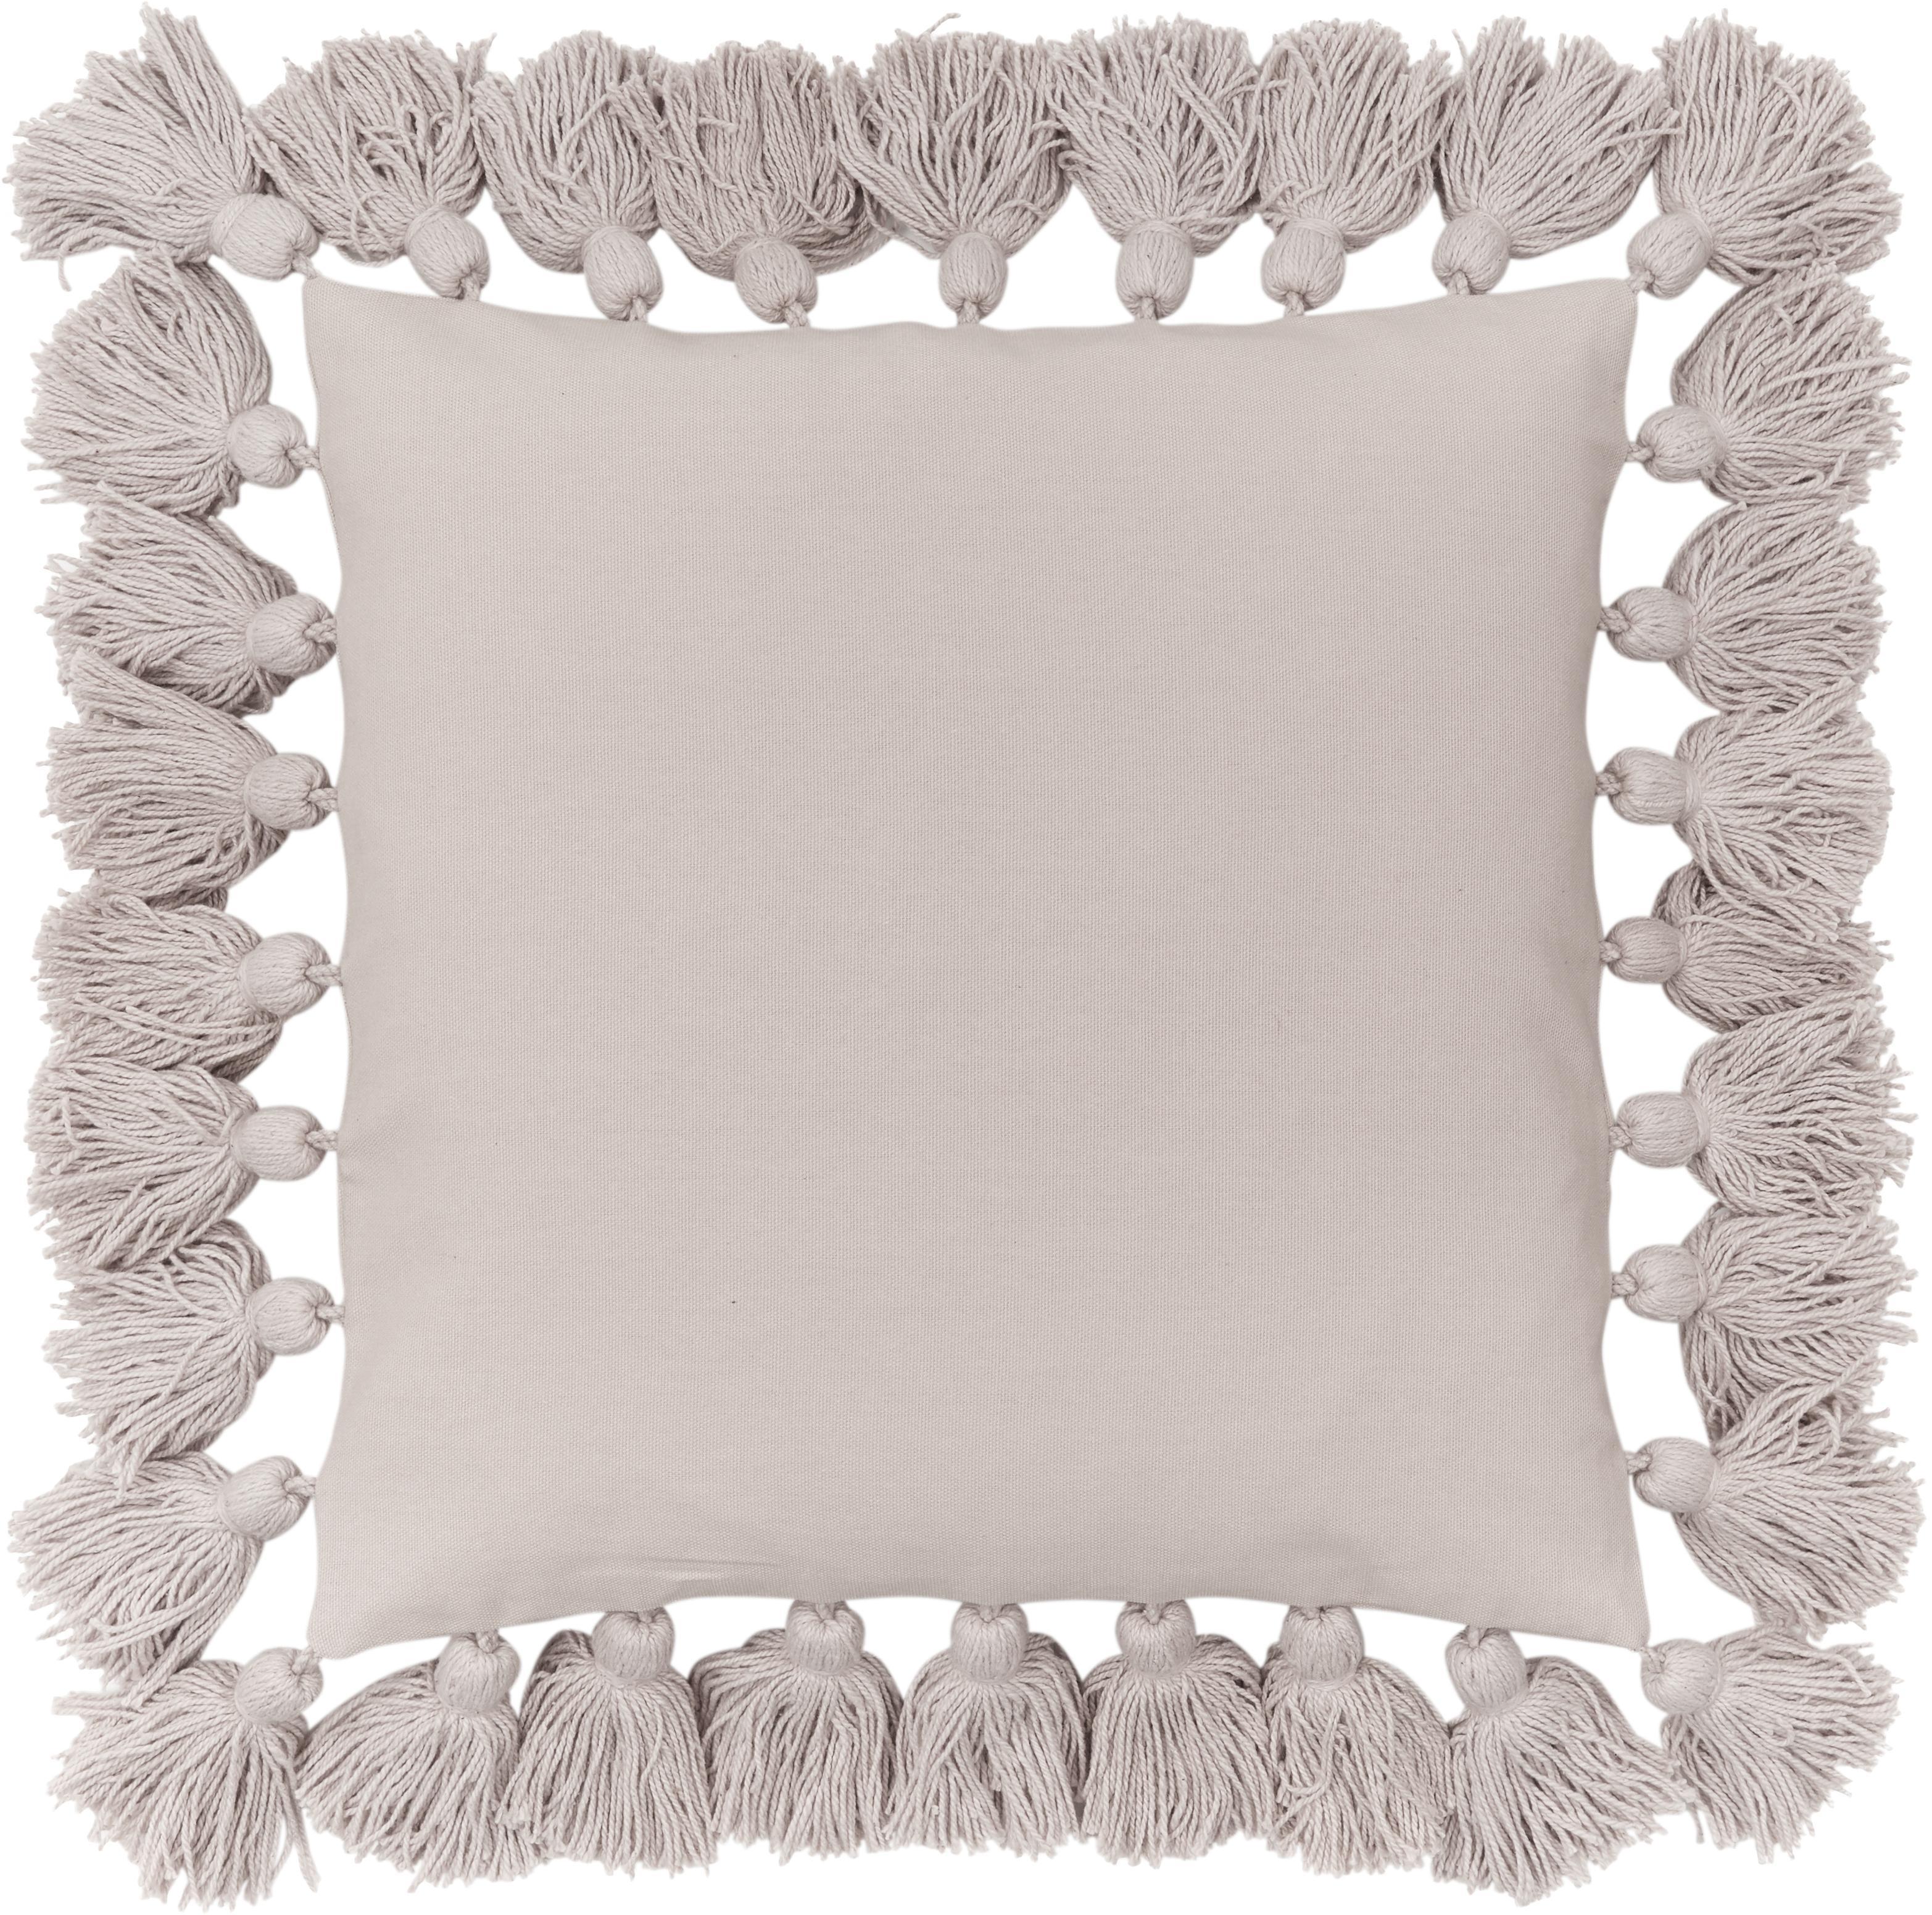 Kissenhülle Shylo mit Quasten, 100% Baumwolle, Beige, 40 x 40 cm